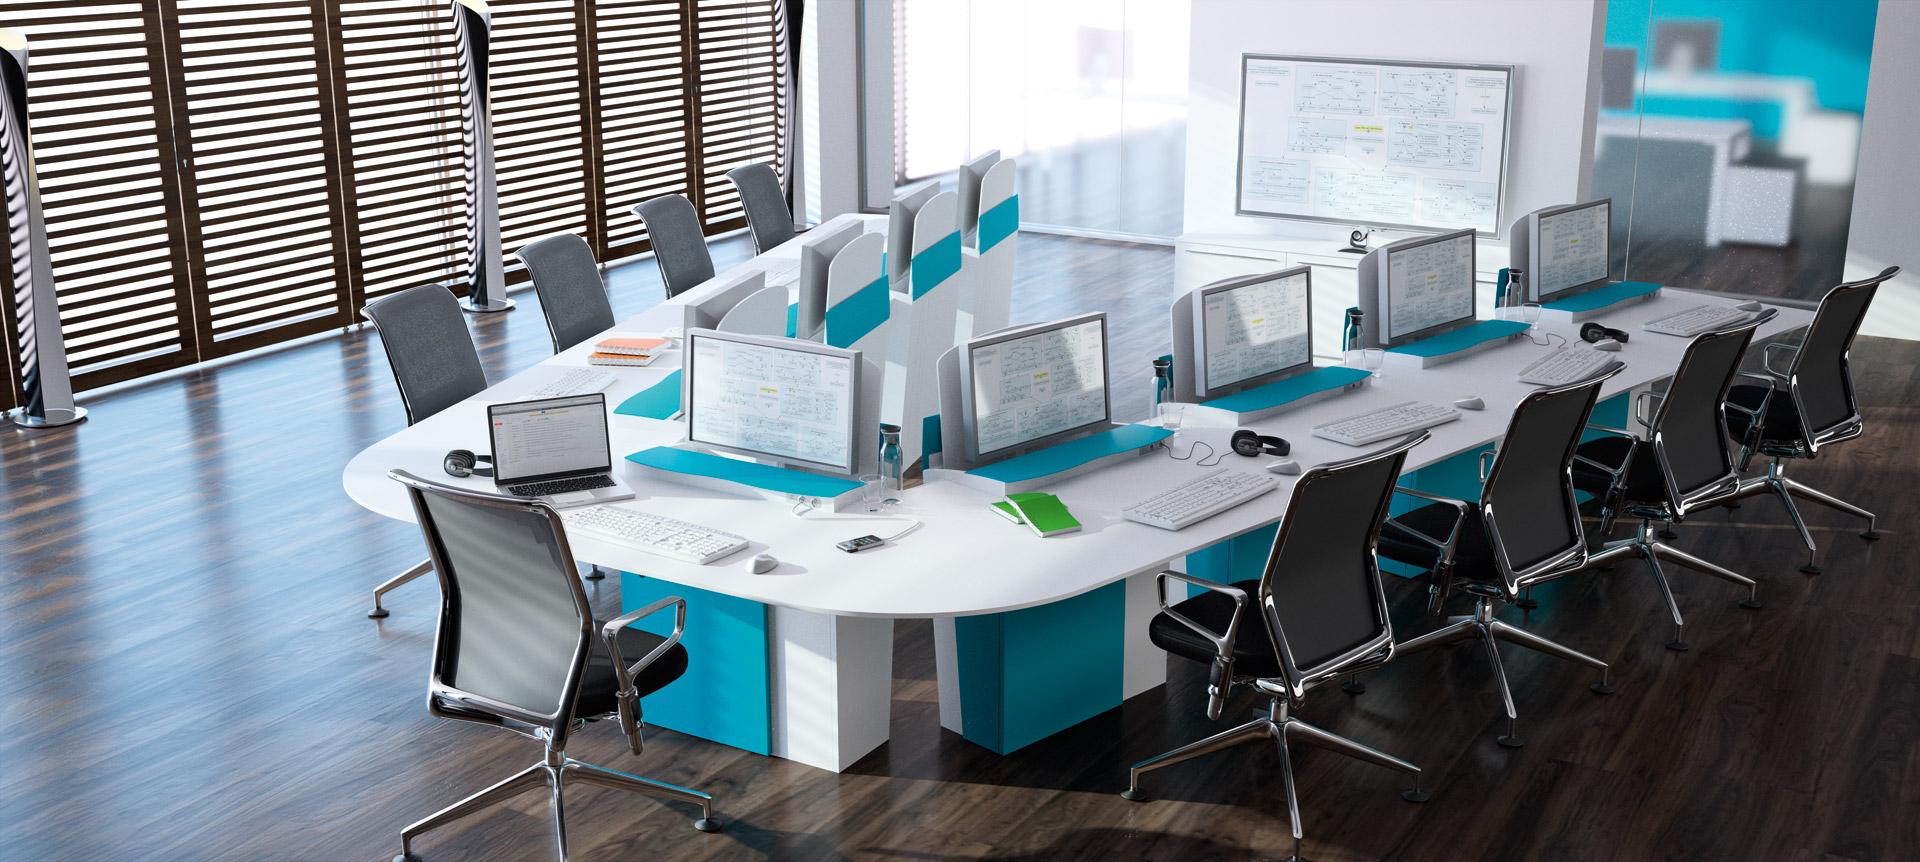 I-RISE - table de réunion polyvalente - formation, visioconférence, crise